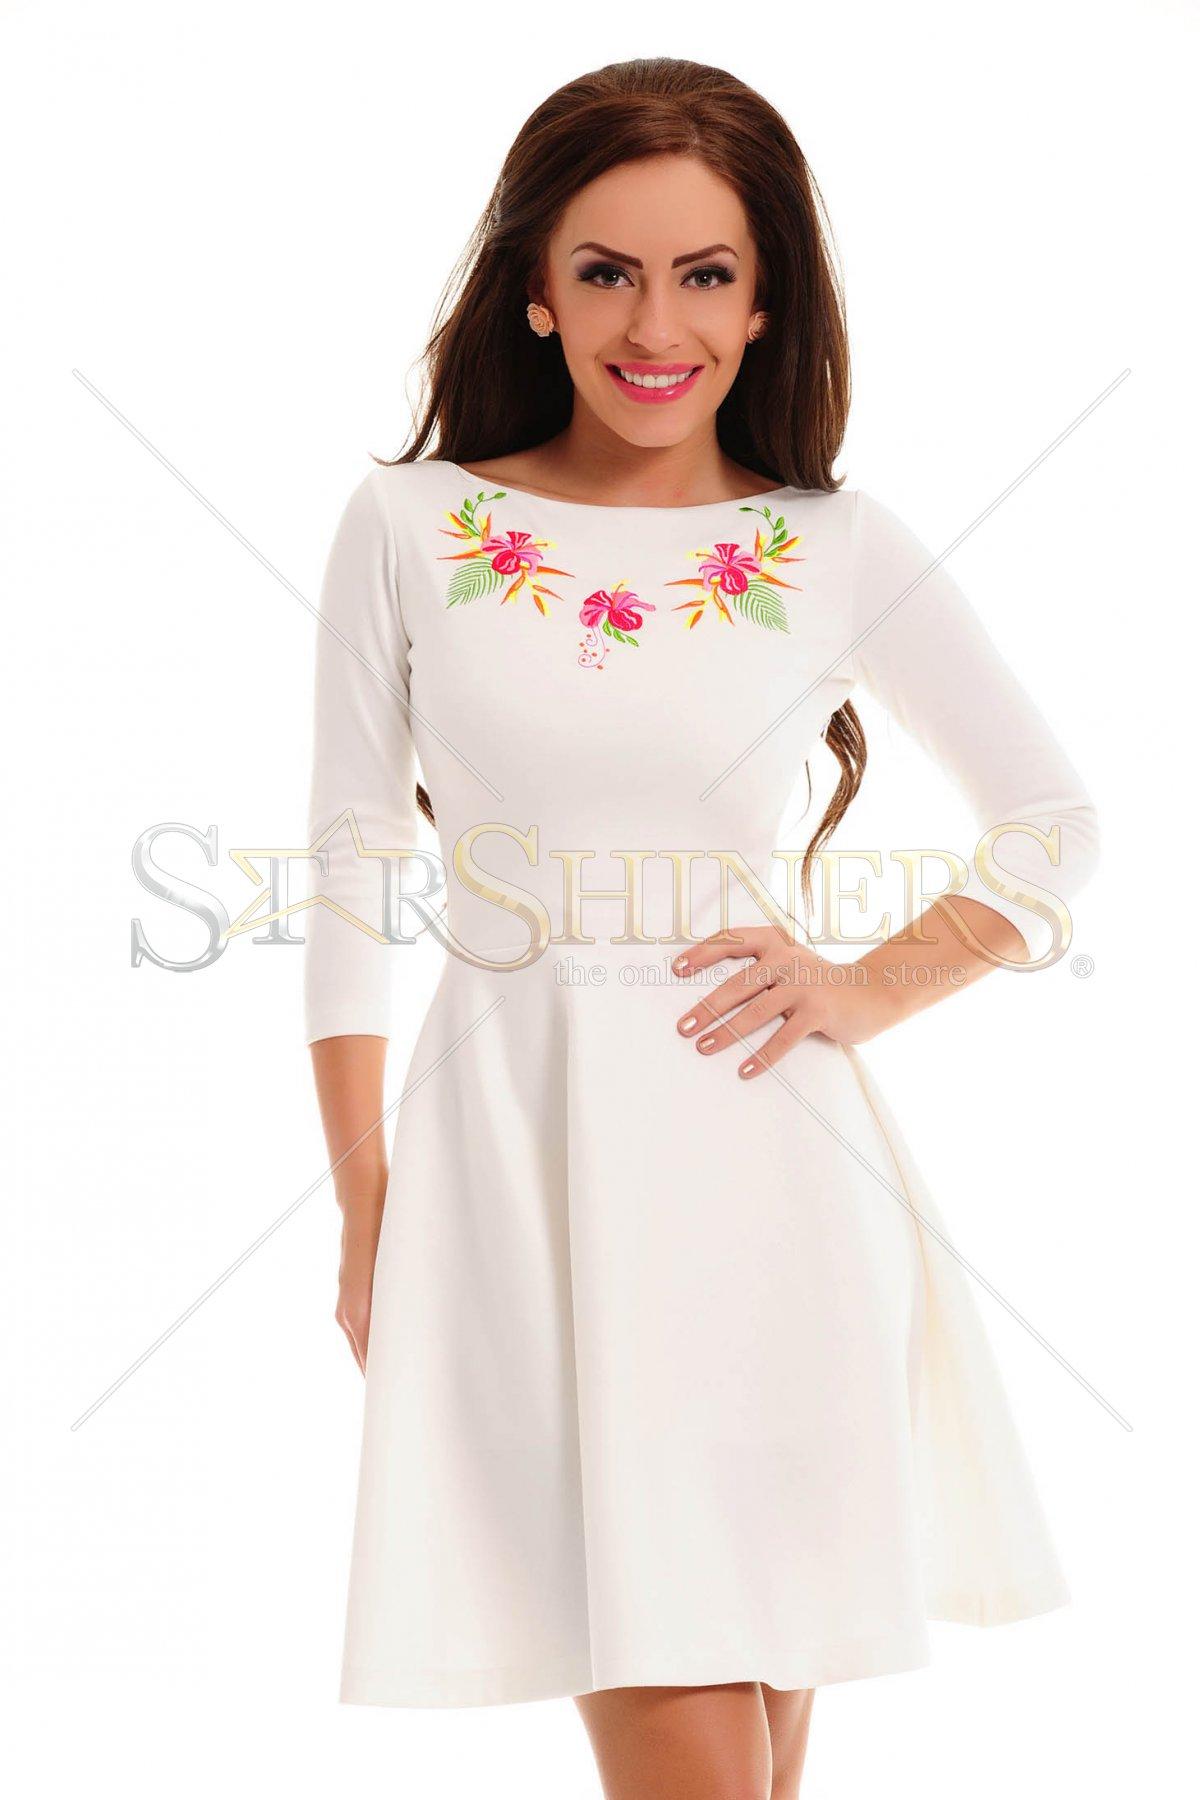 Rochie StarShinerS Brodata Sunrise White